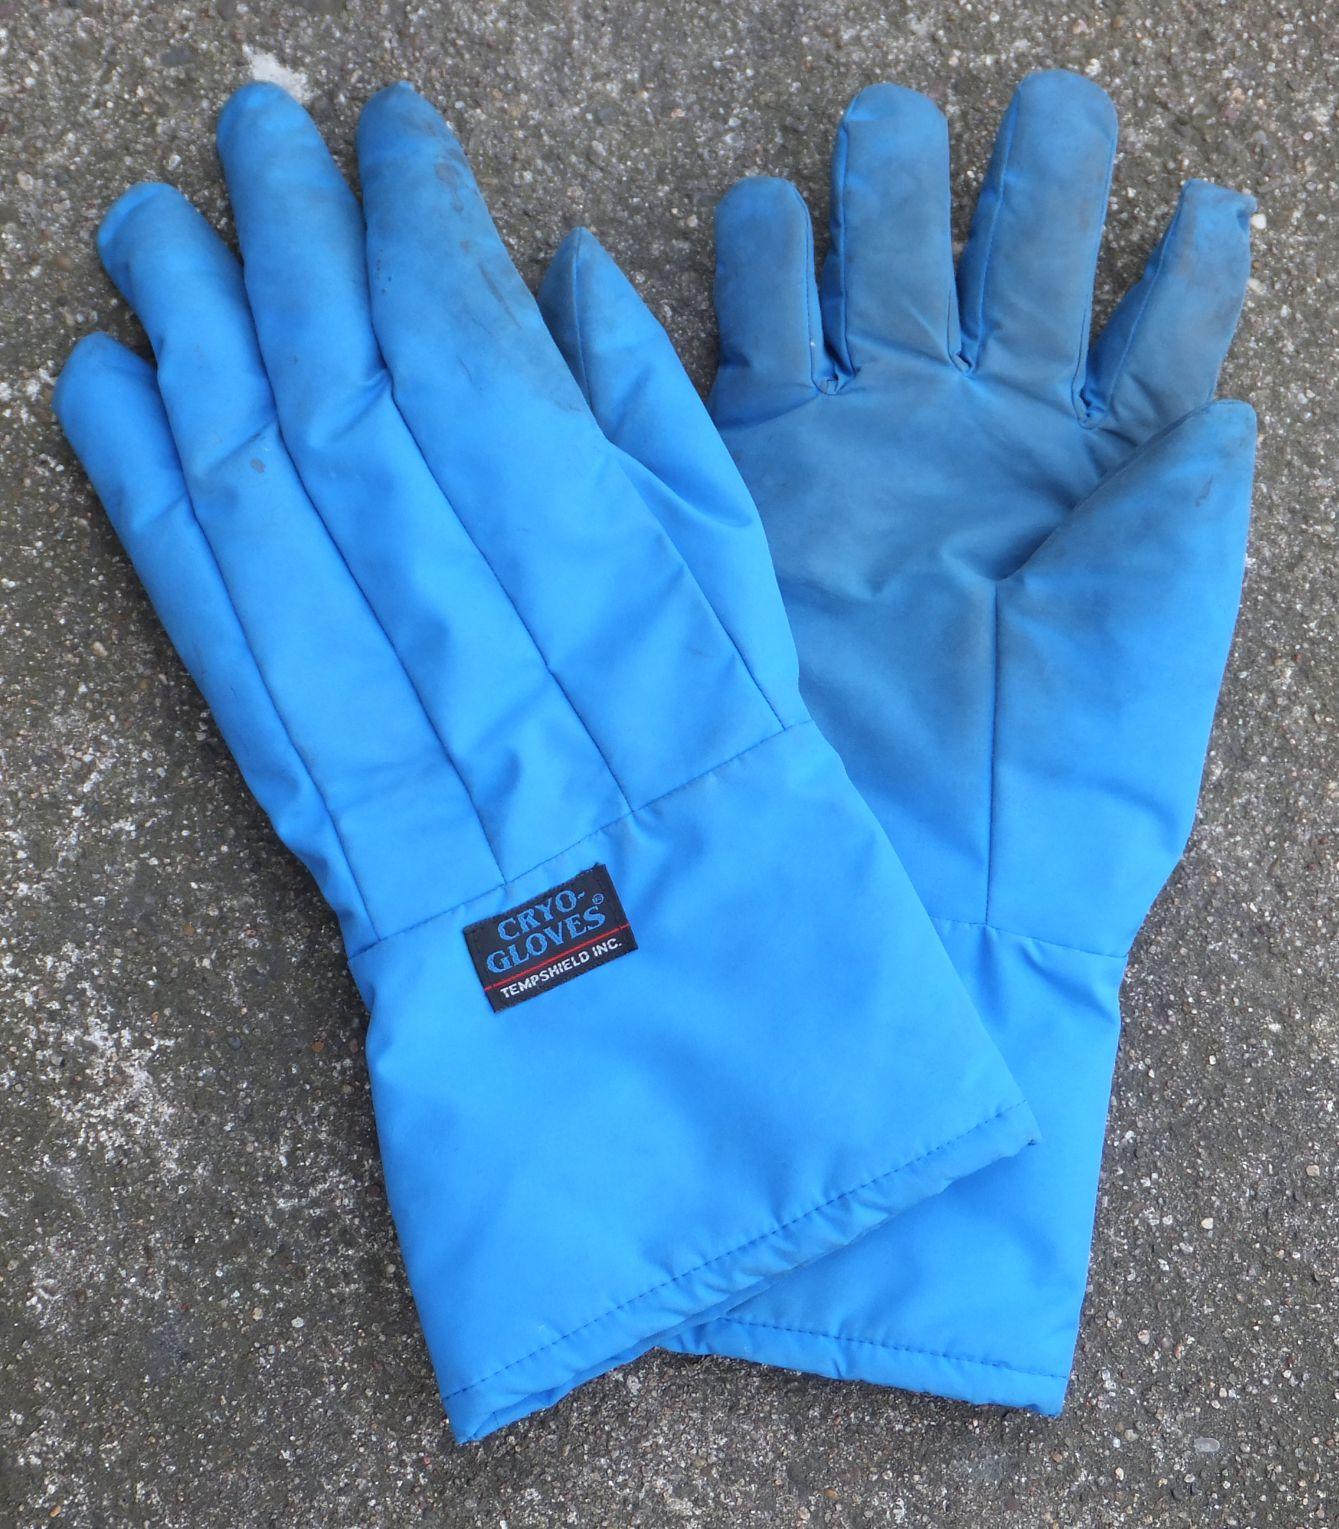 Tieftemperatur-Handschuhe für Arbeiten mit verflüssigten Gasen